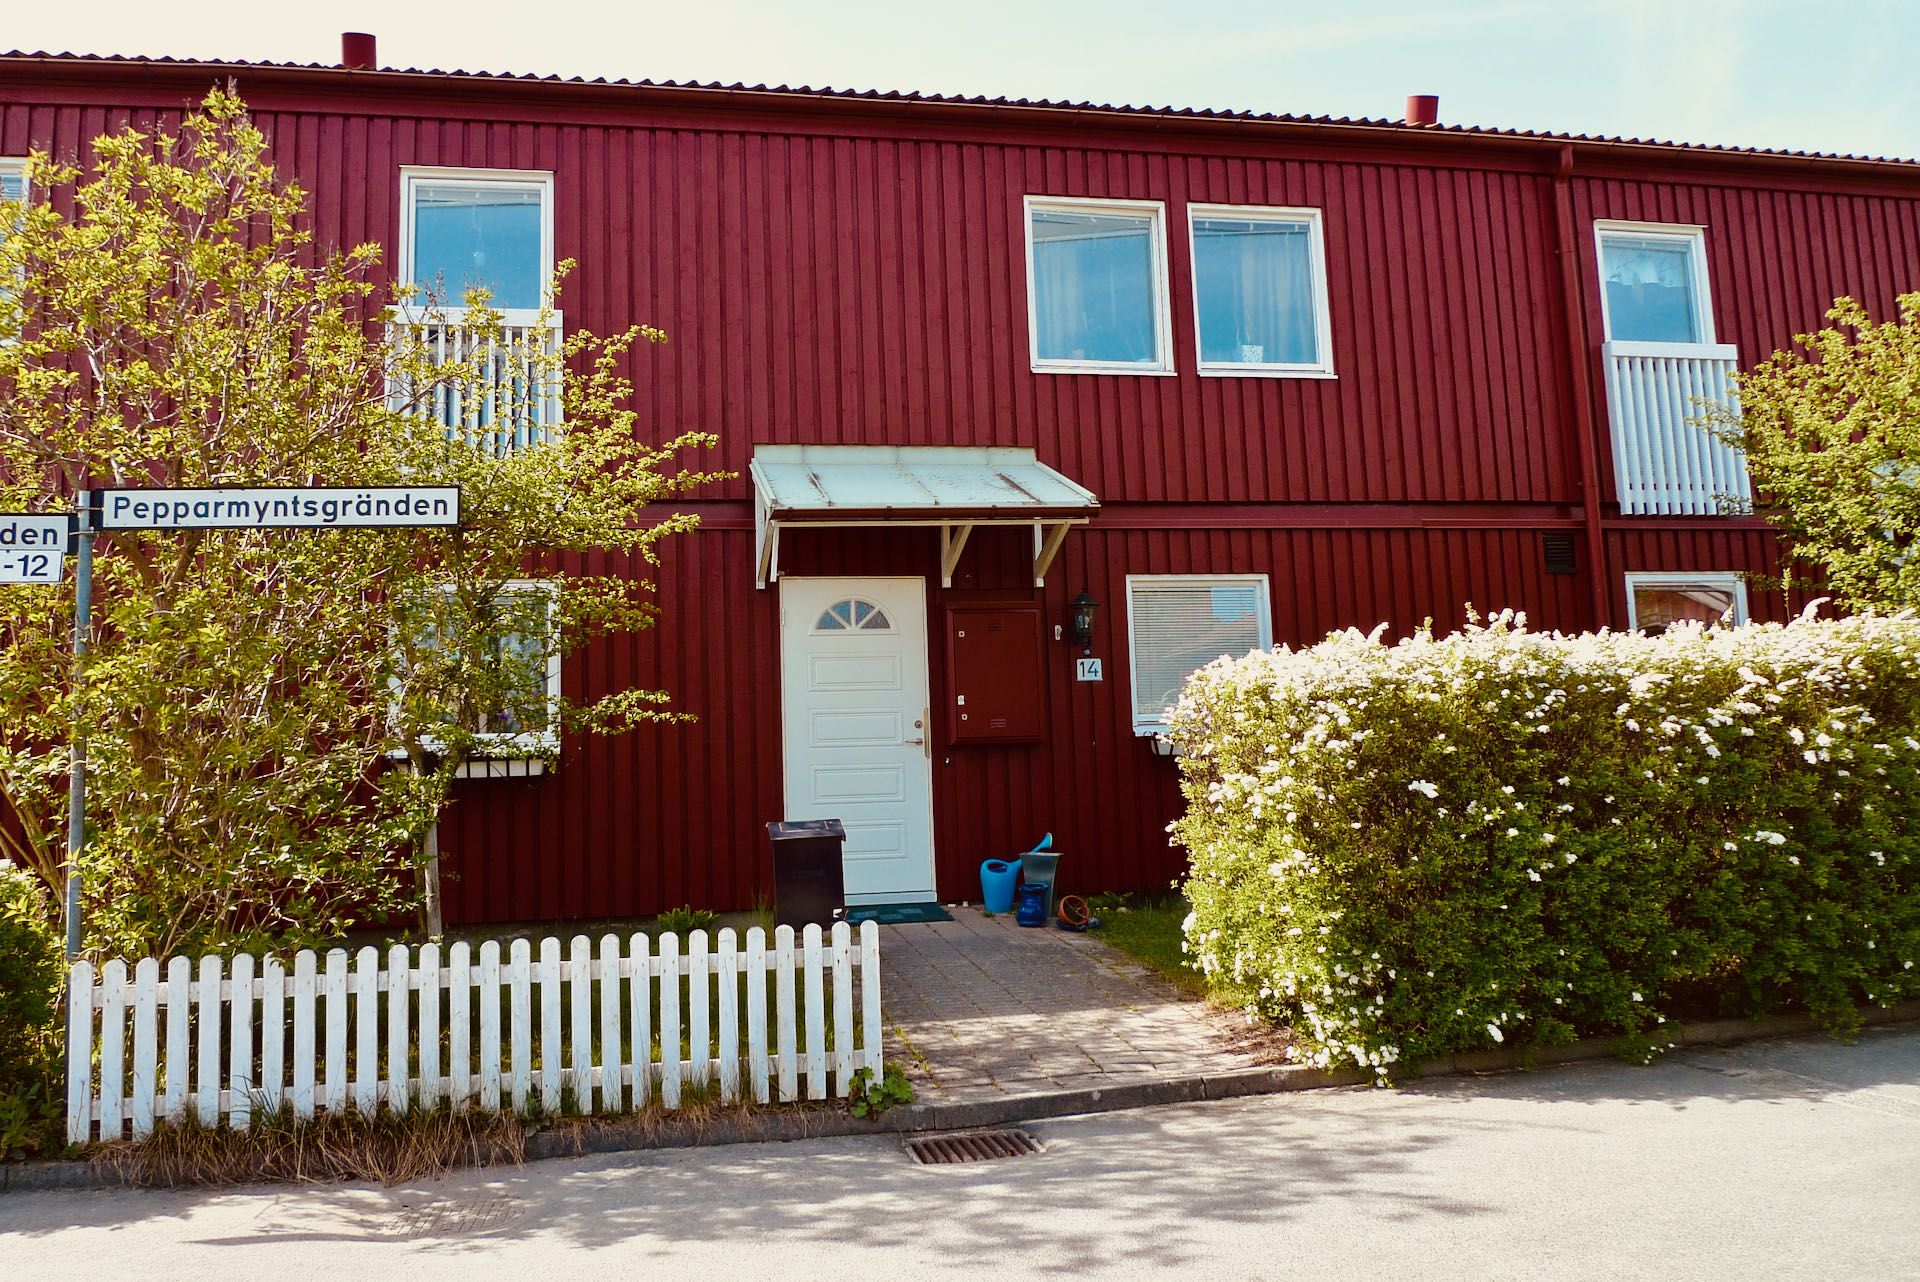 Pepparmyntsgränden 14 i Hässleholm